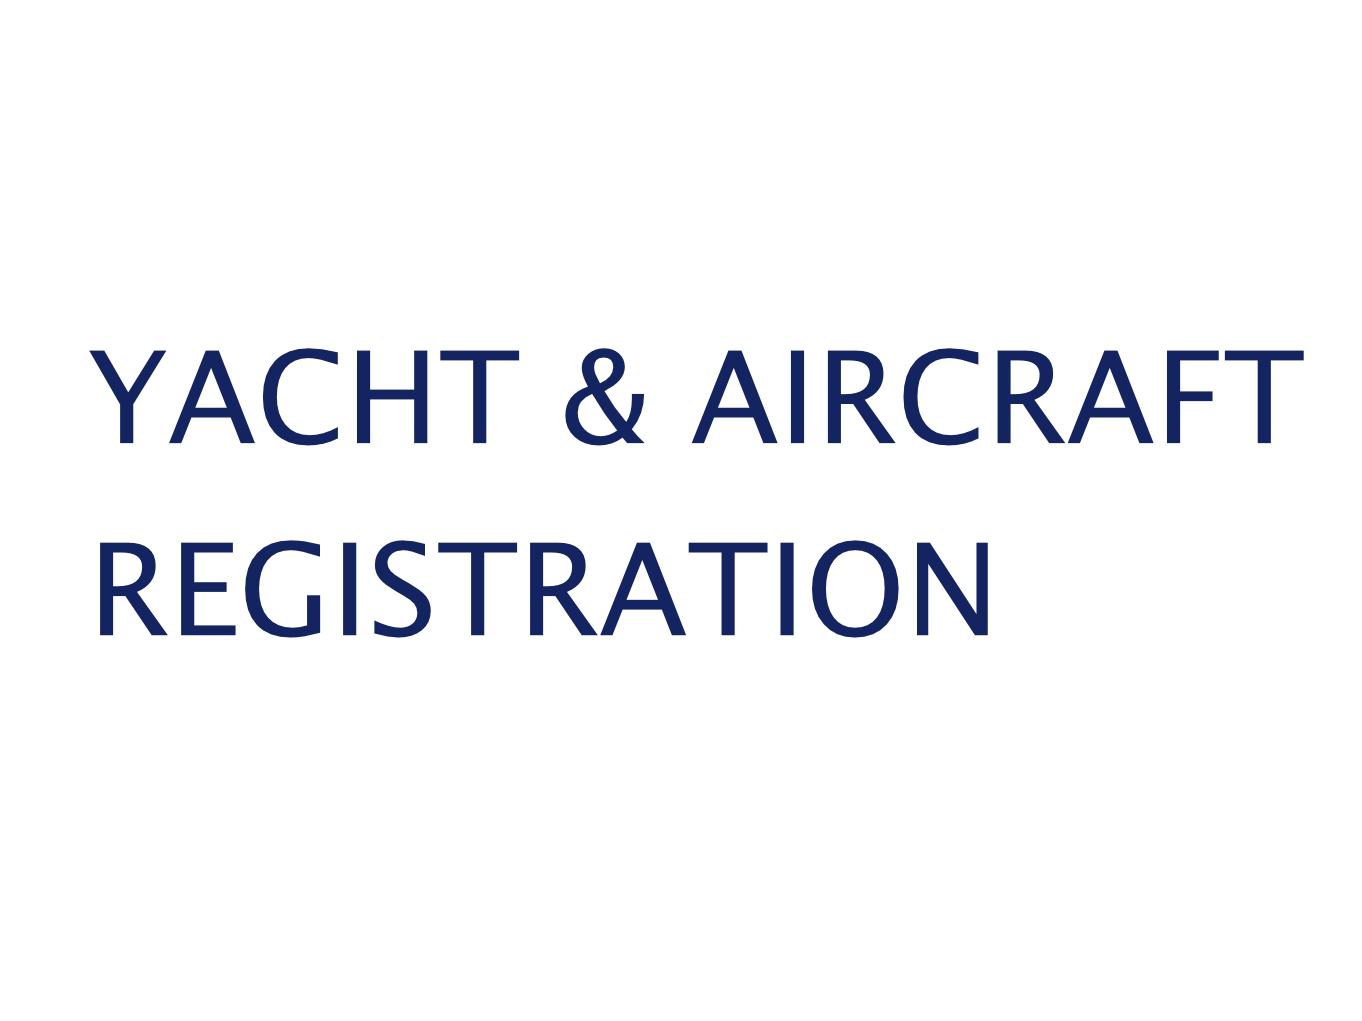 yacht aircraft registration gwcm